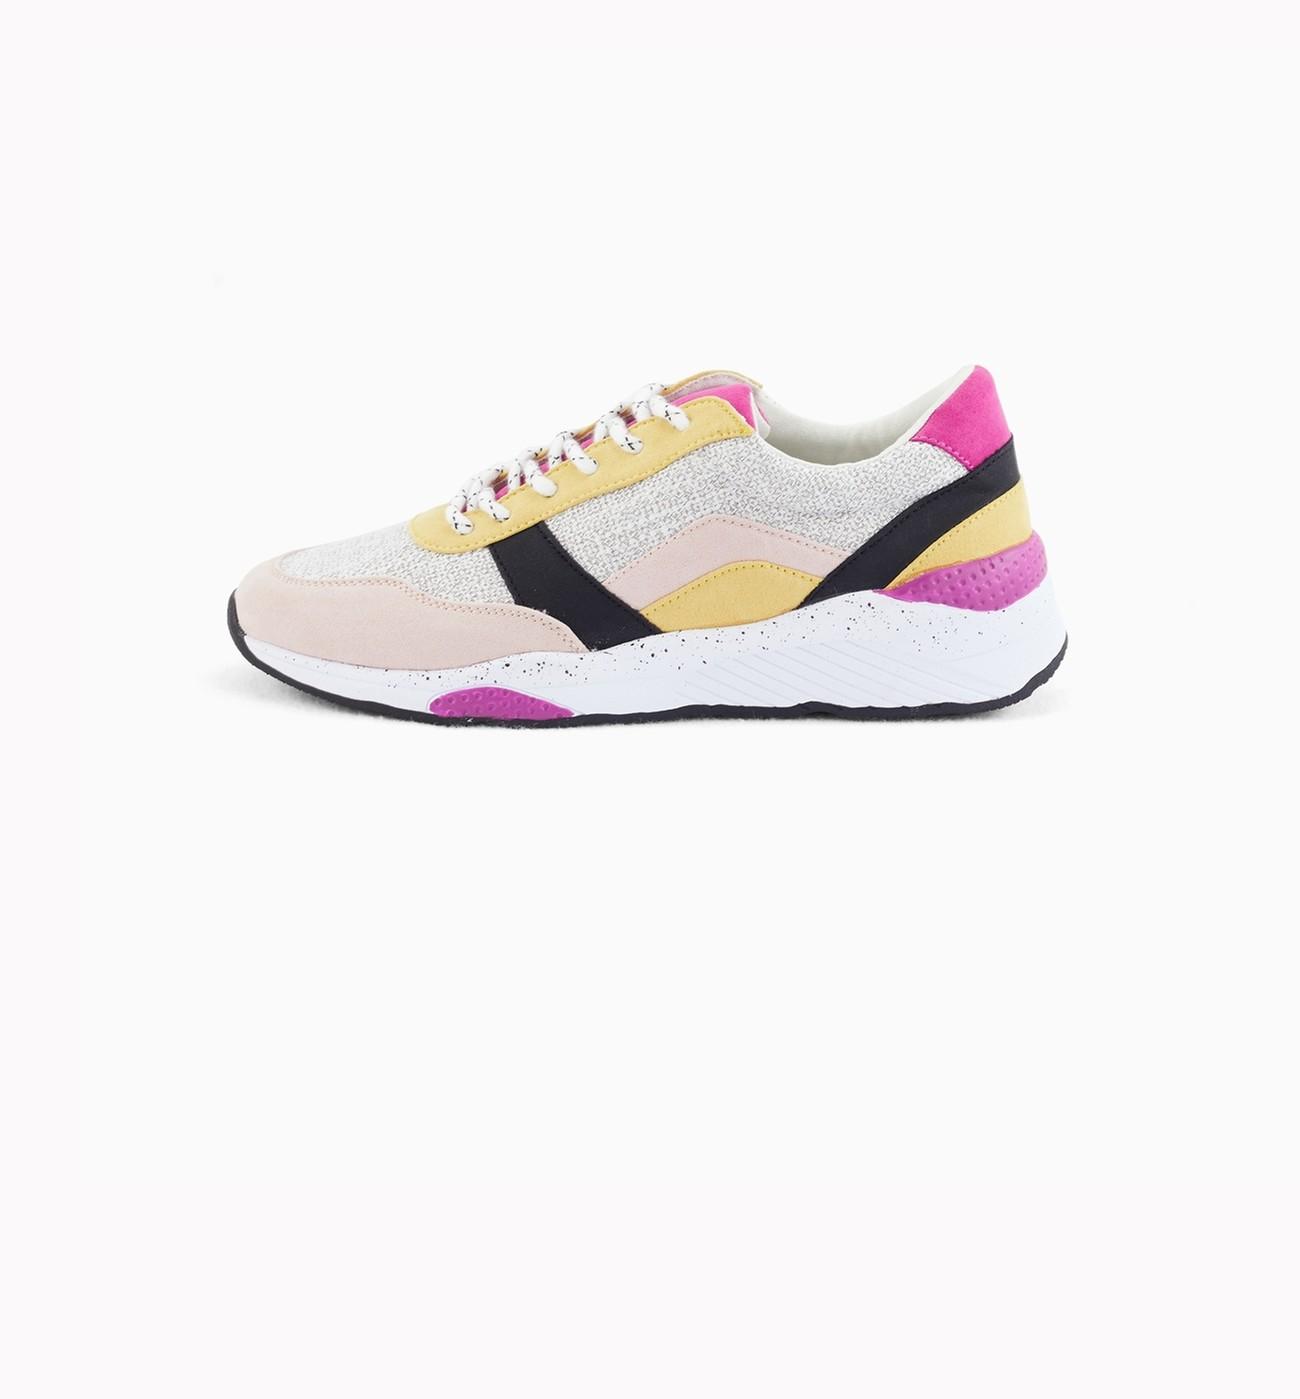 Dad Shoes Promod Femme Baskets Promod Shoes Promod Dad Dad Femme Baskets Baskets 0kOnP8w